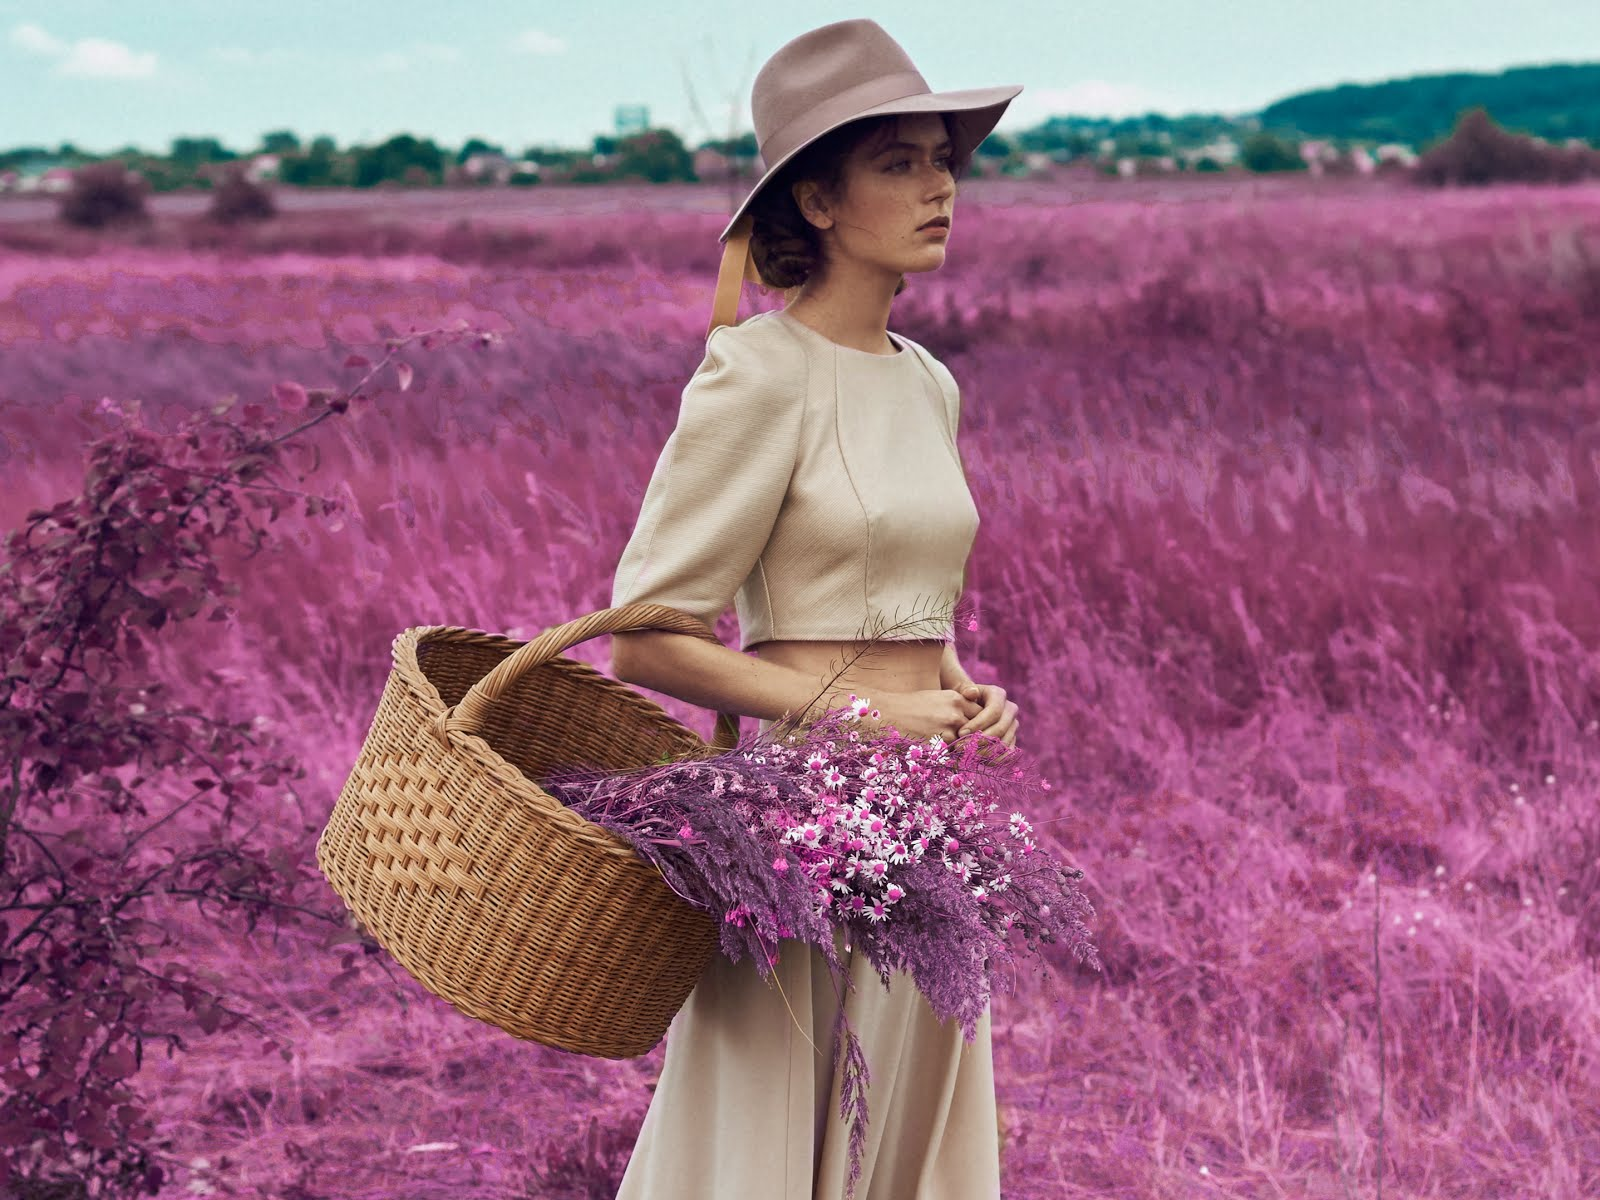 модель в поле, съемка в поле, мода, продвижение дизайнеров одежды, шоу рум red, лучшие шоу румы москвы, где купить дизайнерскую одежду, дизайнерская одежда